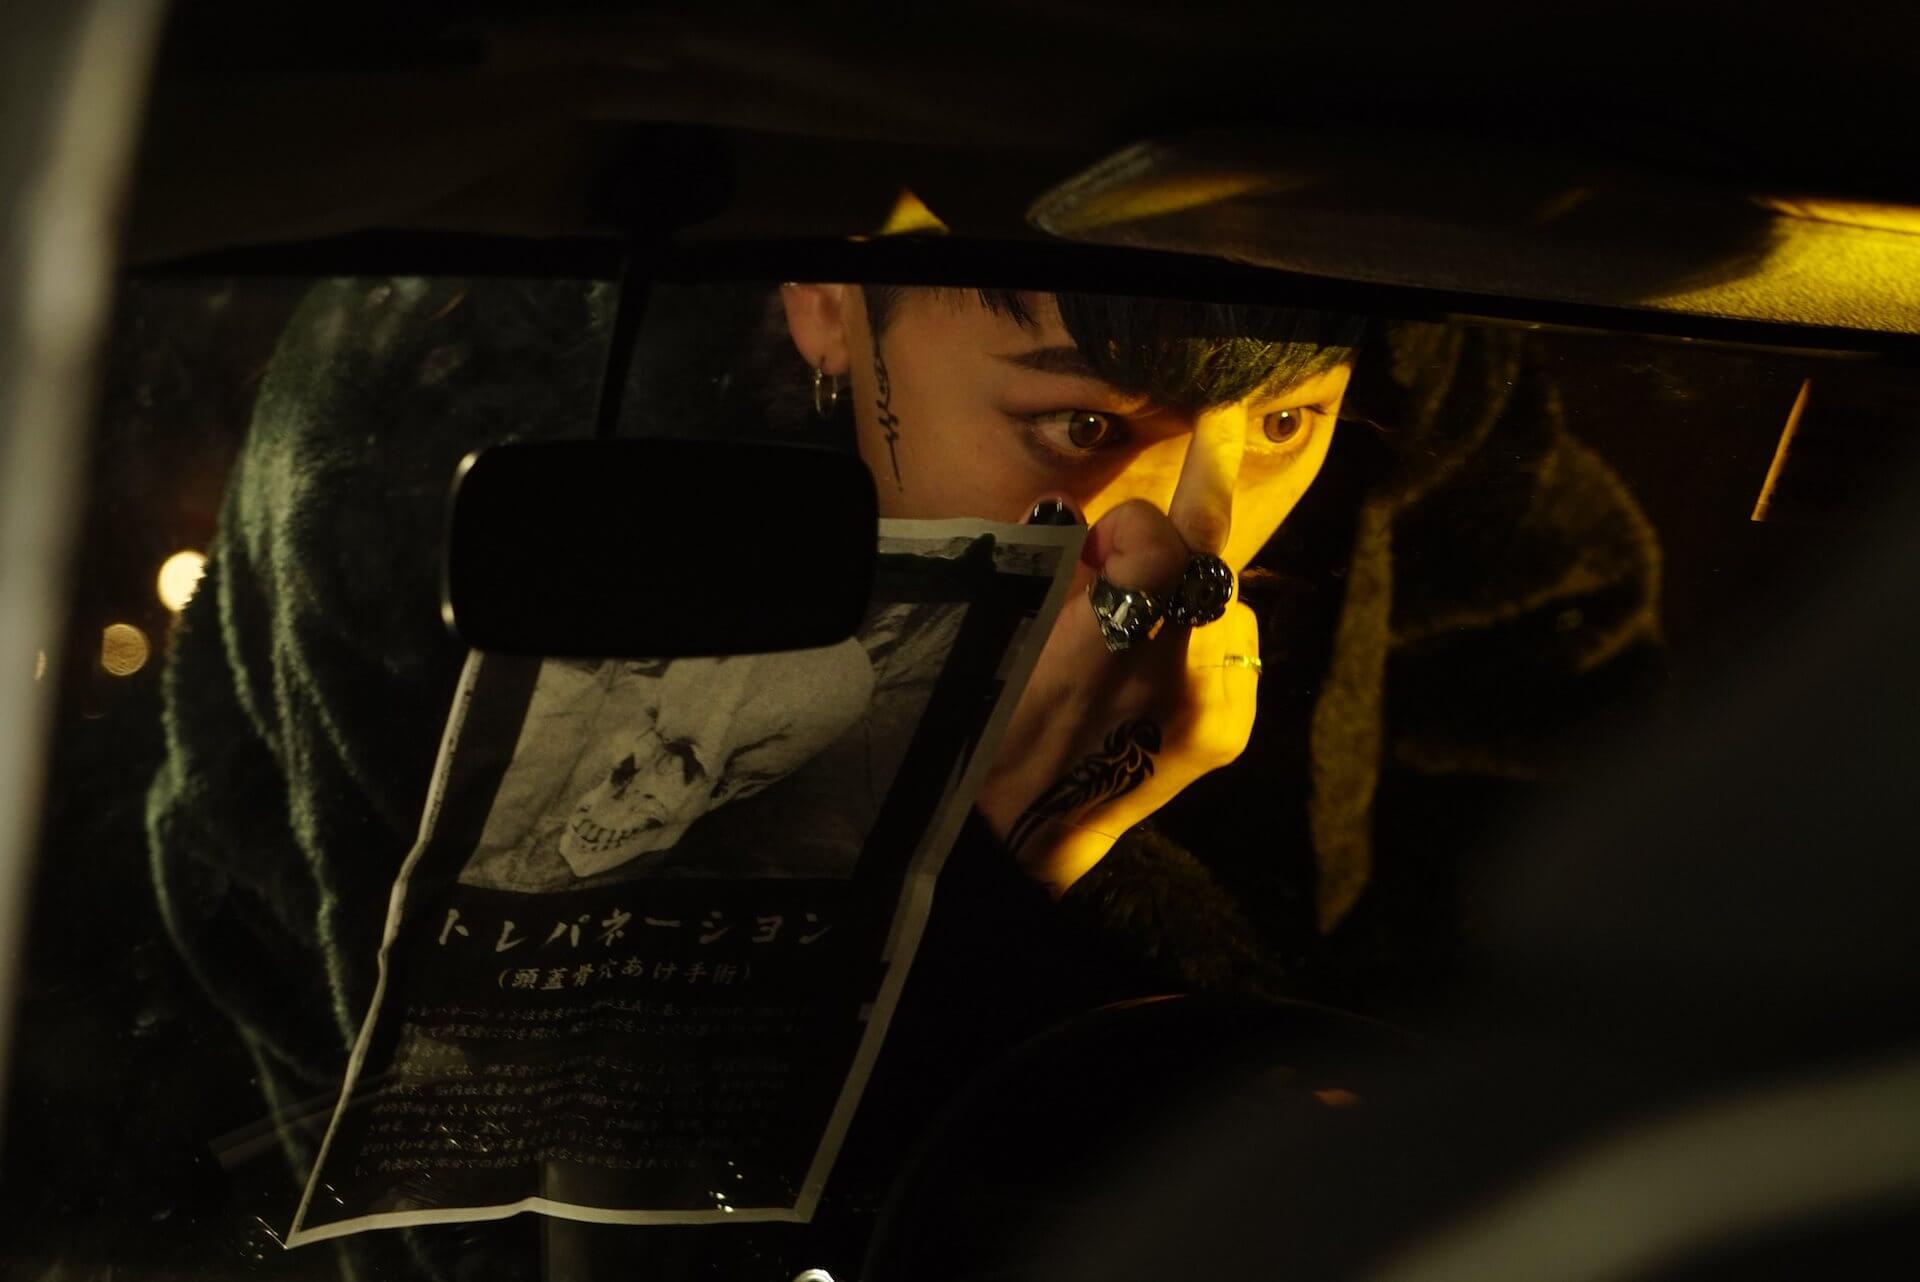 綾野剛主演の実写映画『ホムンクルス』の場面写真20点が一挙解禁!成田凌、岸井ゆきのら超豪華キャストも話題 film210118_homunclus_18